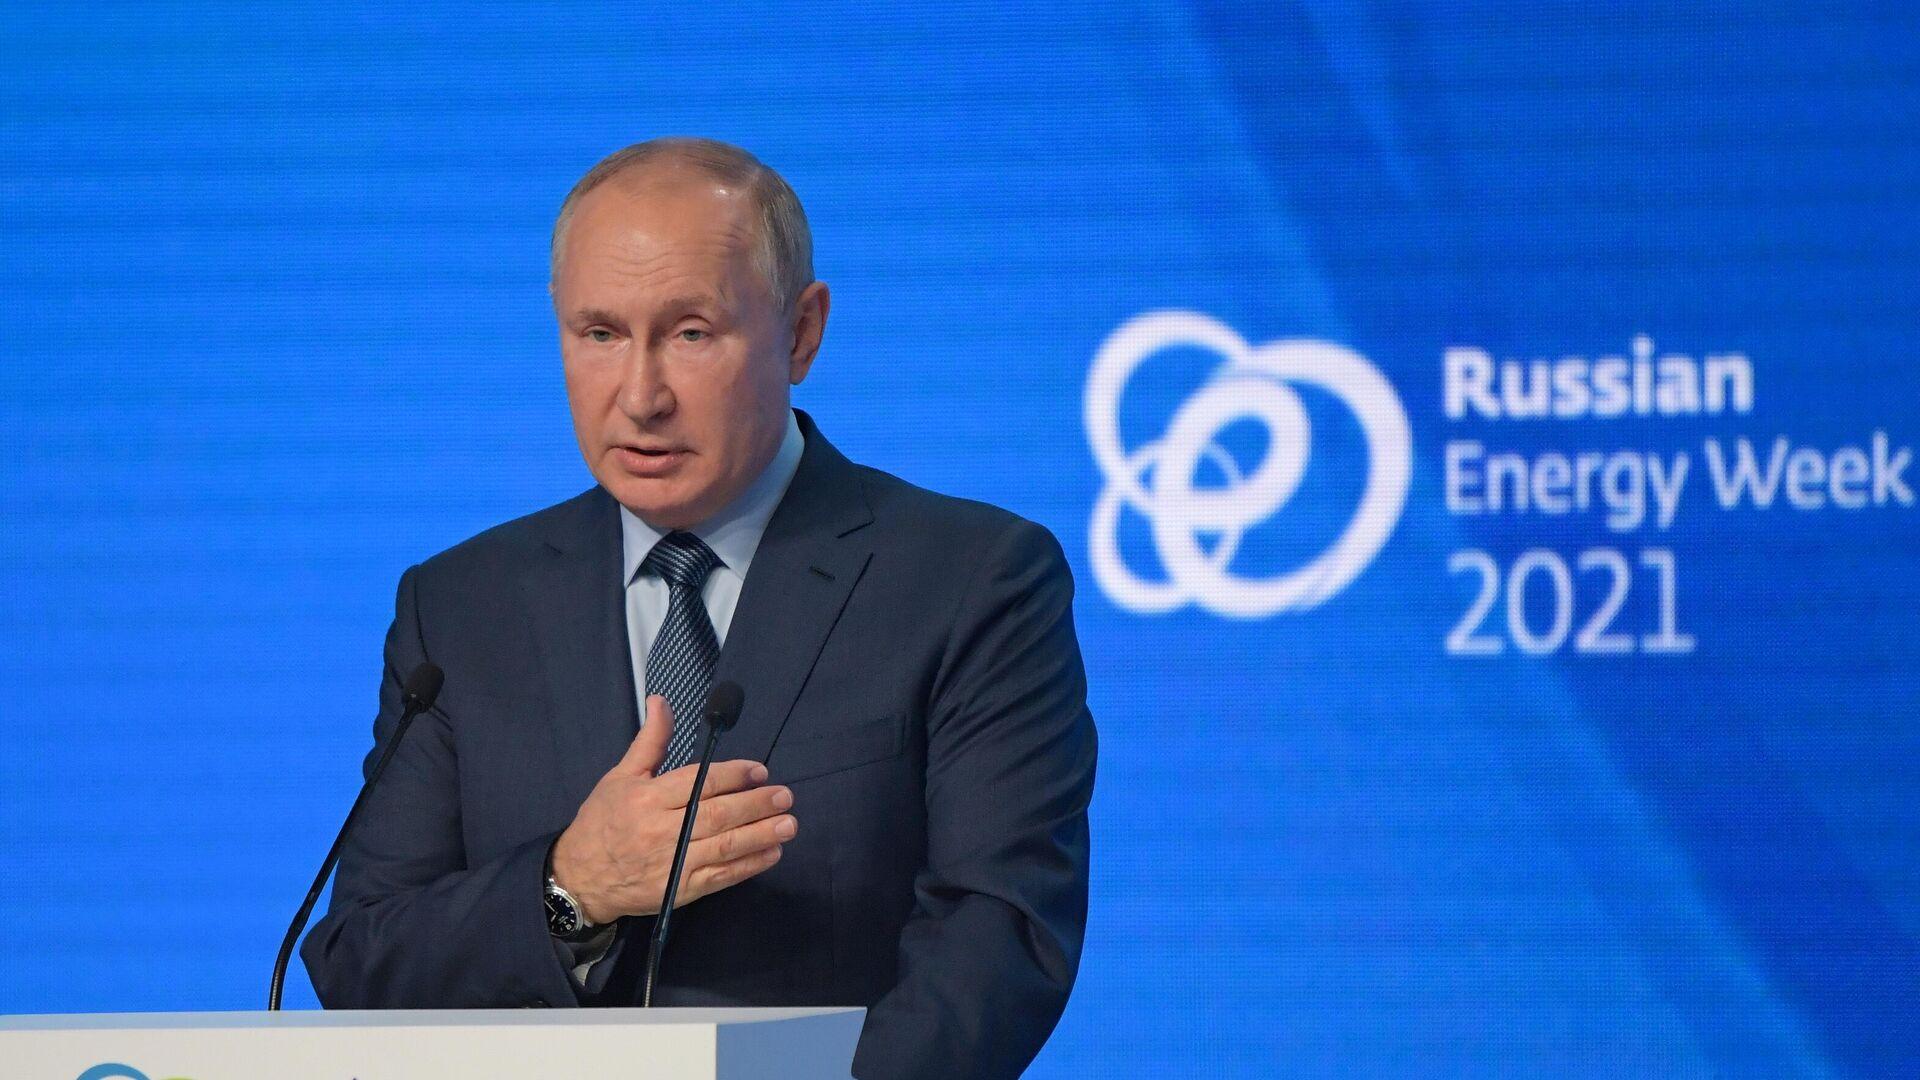 Президент РФ Владимир Путин выступает на пленарном заседании форума Российская энергетическая неделя - Sputnik Латвия, 1920, 14.10.2021